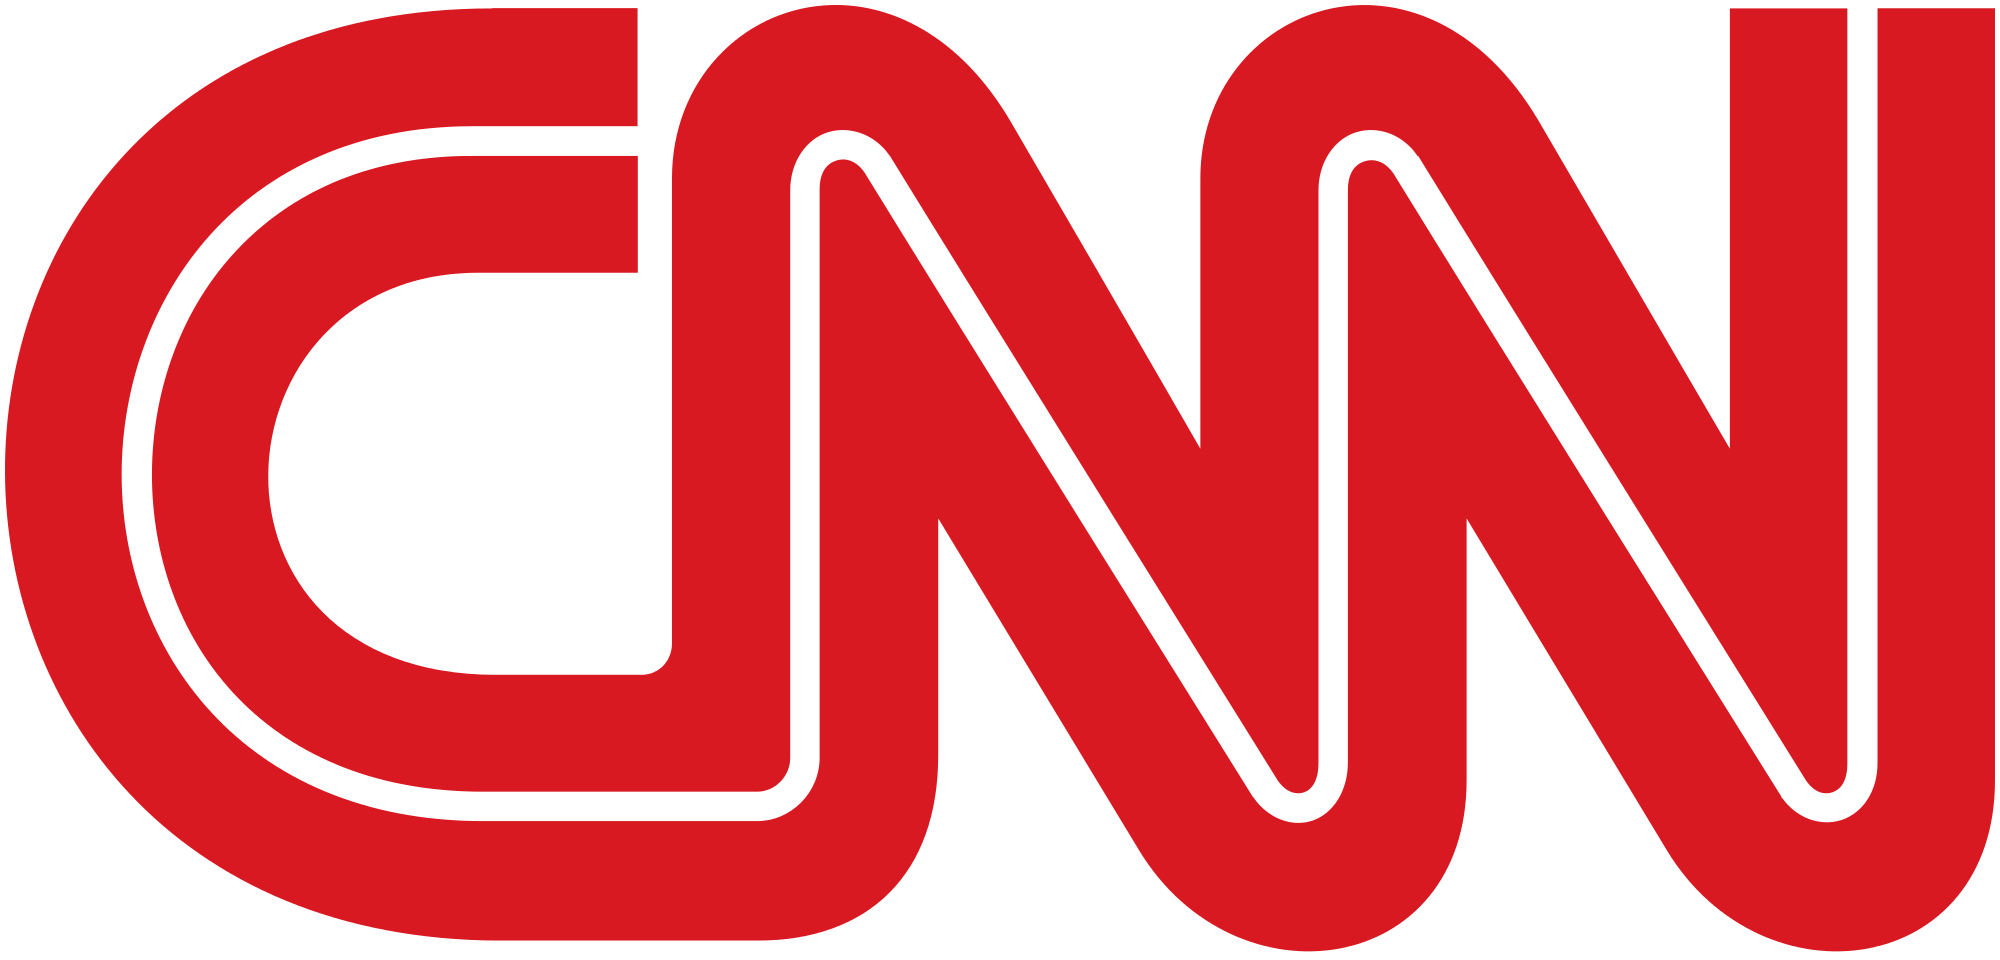 cnn logo hd photo #1804